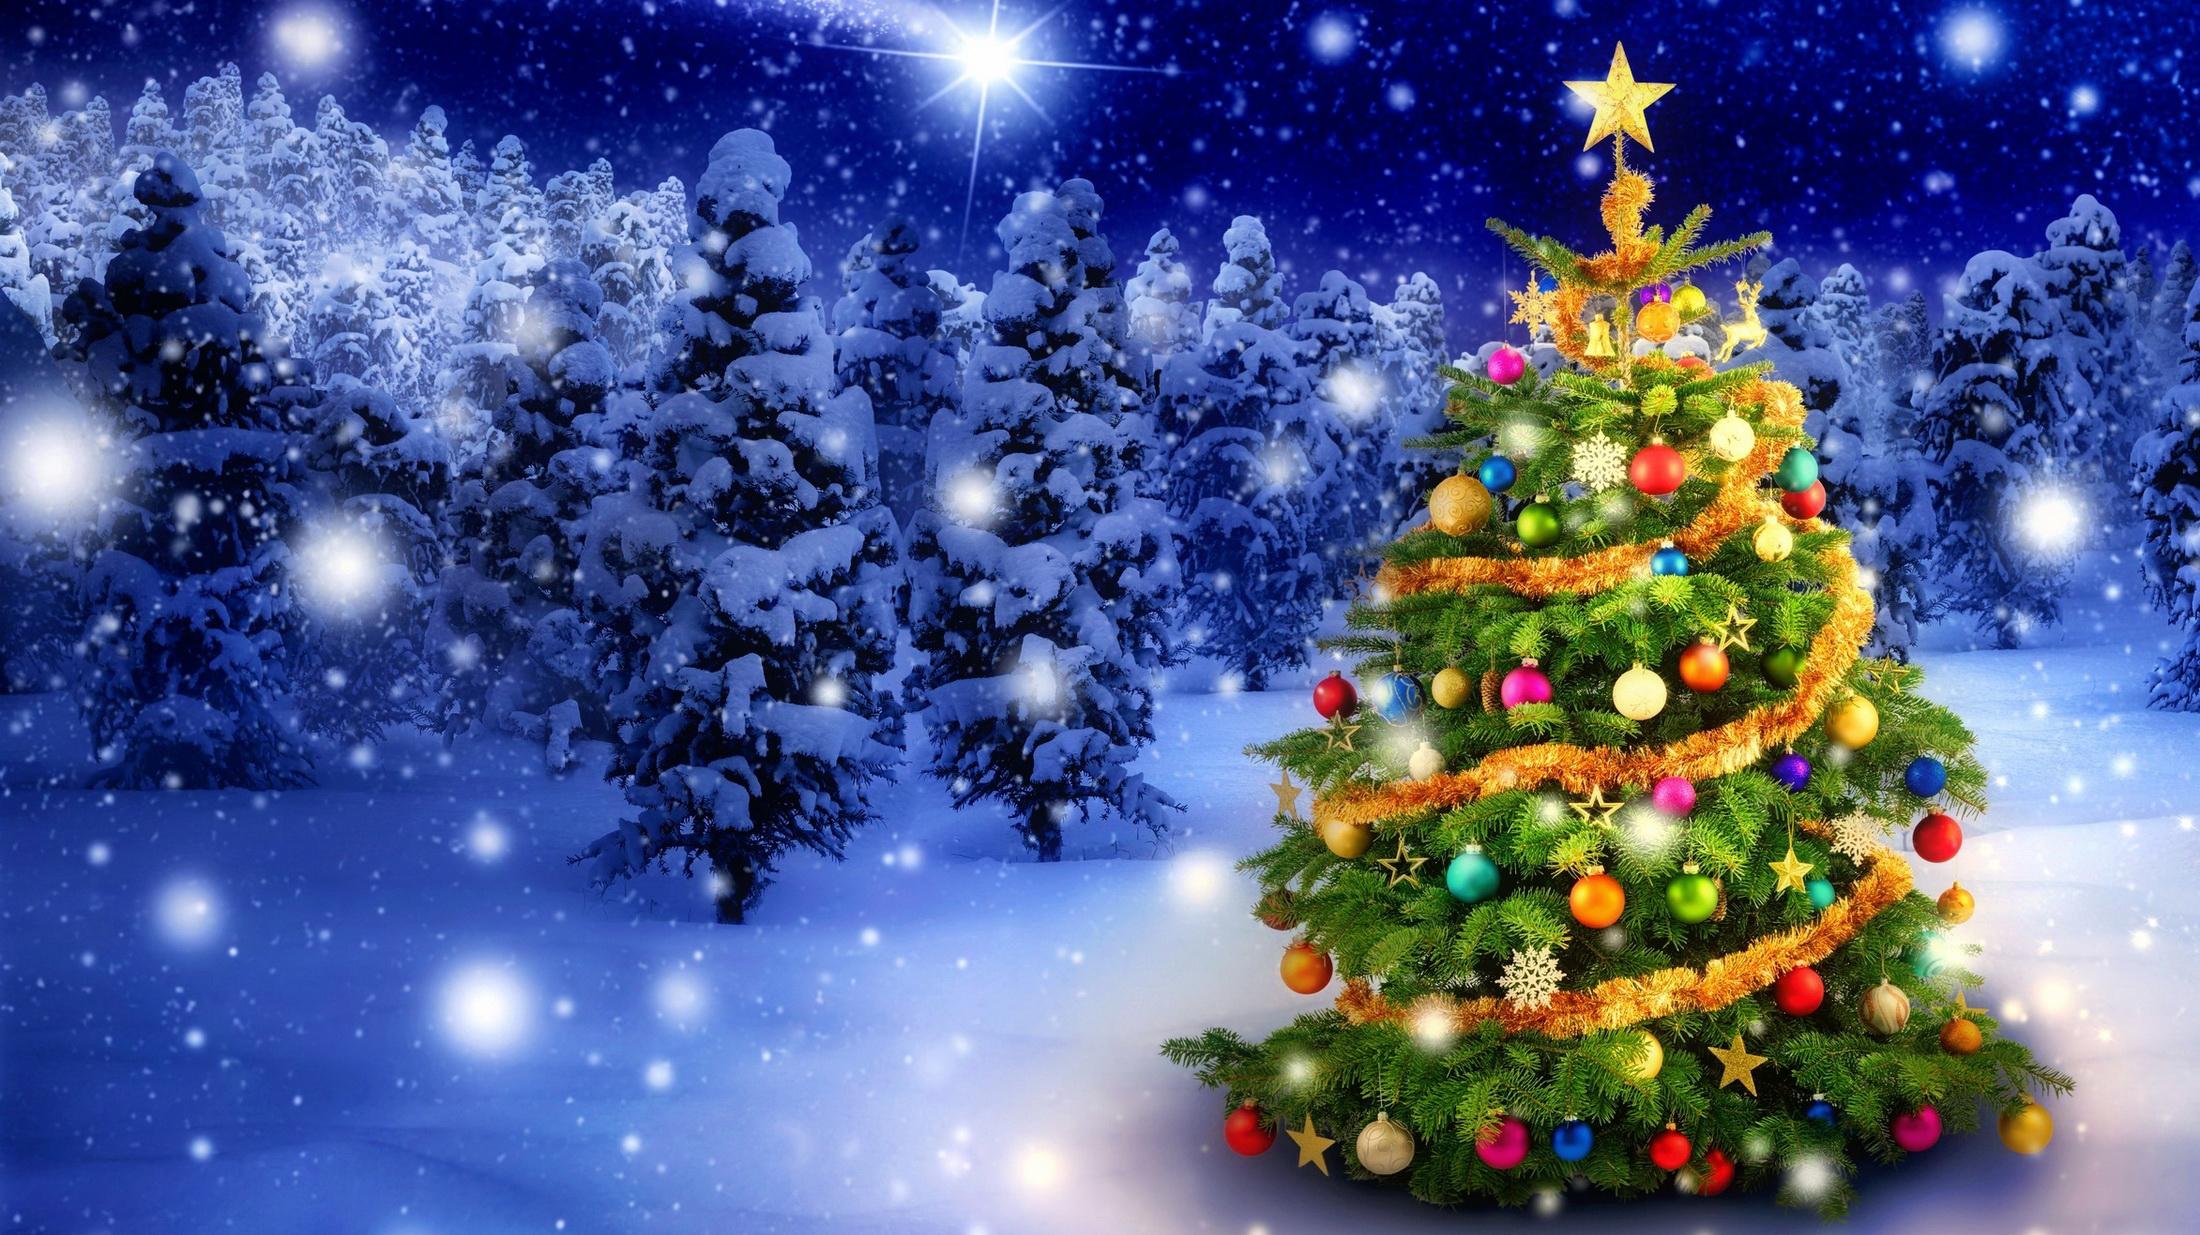 Новогодние картинки с елкой красивые